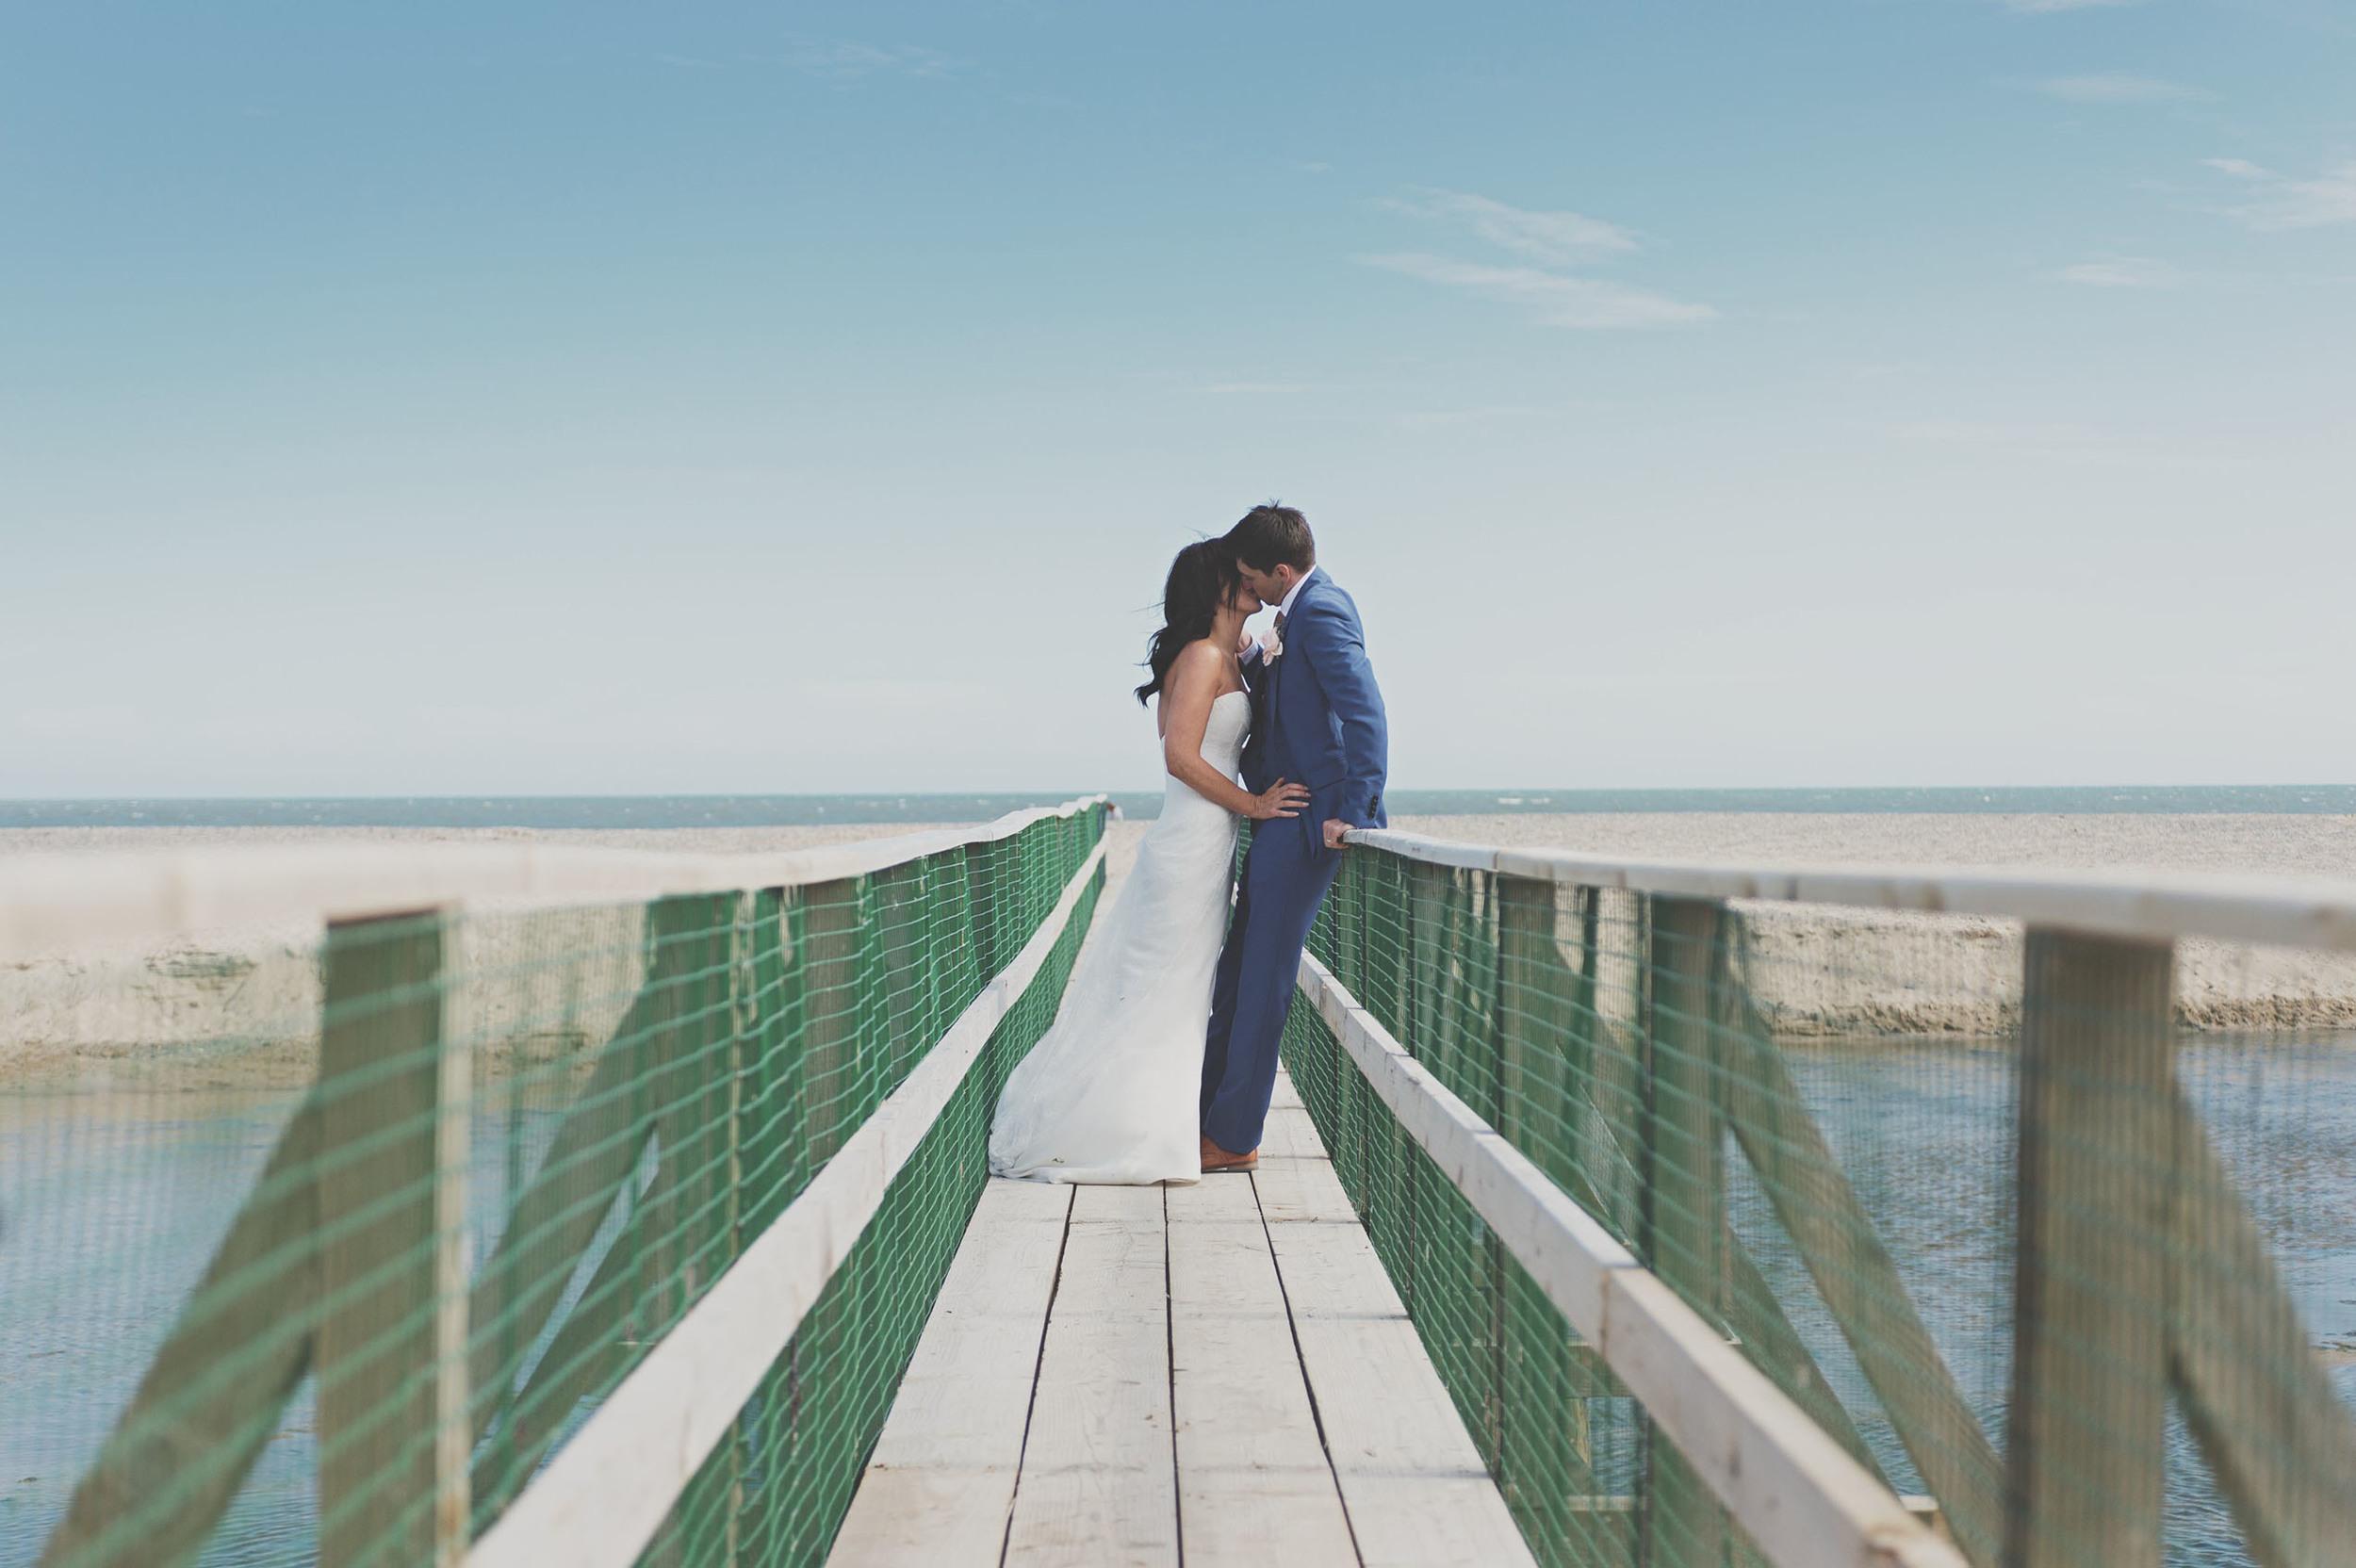 Julie & Matt's Seafield Wedding by Studio33weddings 079.jpg